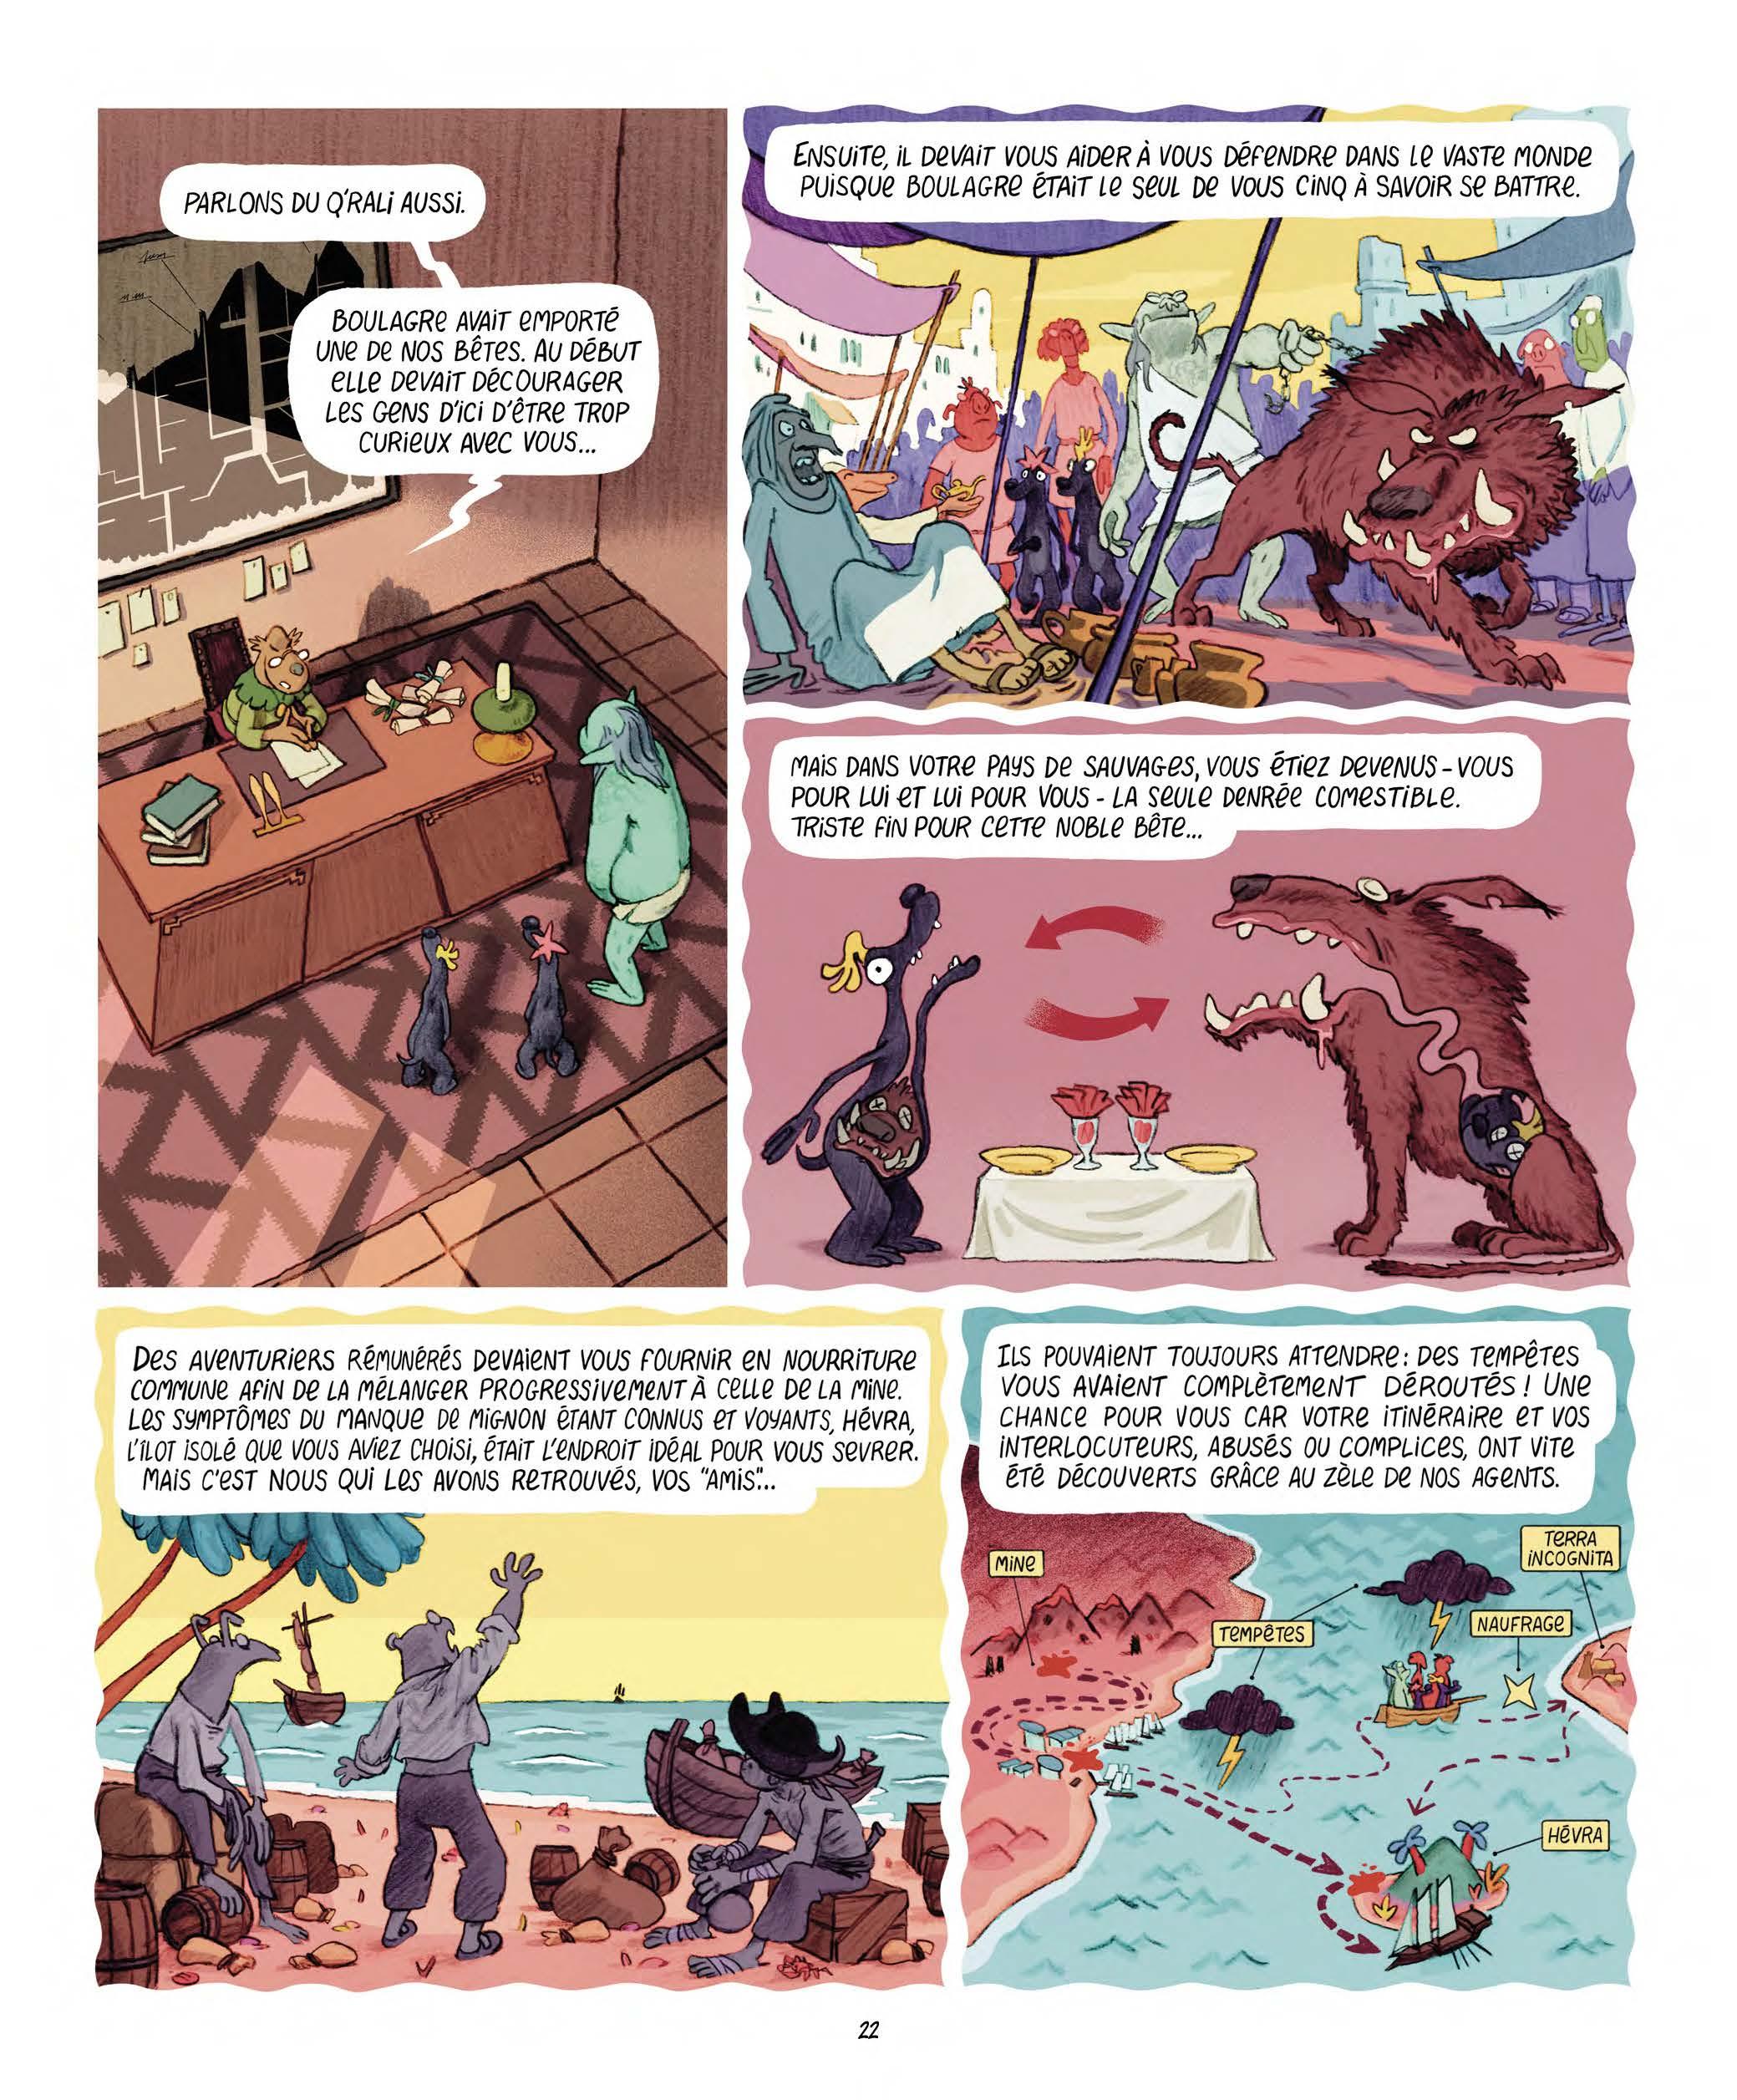 Extrait n°14 Les Affamés 2 - Hum et Wouaf et la triste mine  - Le retour d'hum et wouaf dans les mines de mignon par Jean-Emmanuel Vermot-Desroches